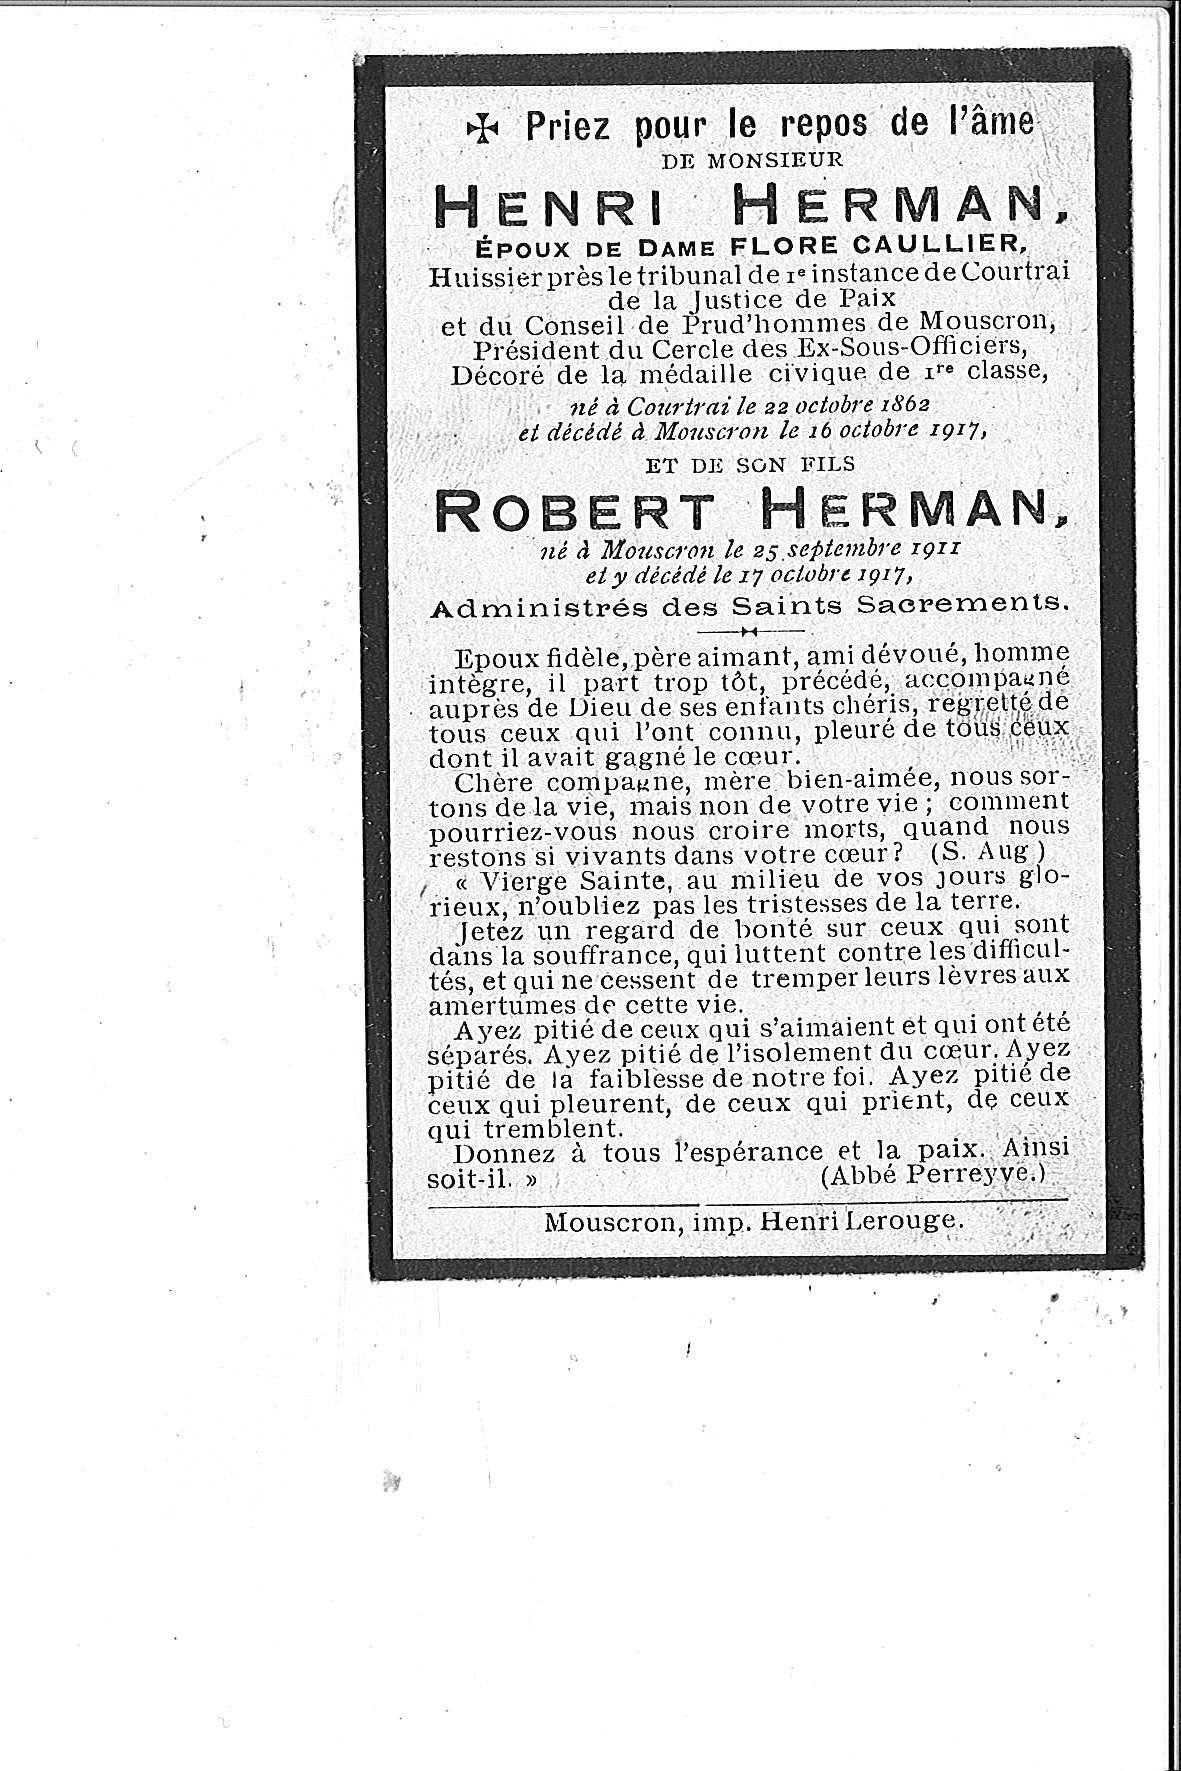 Robert(1917)20150309140738_00017.jpg